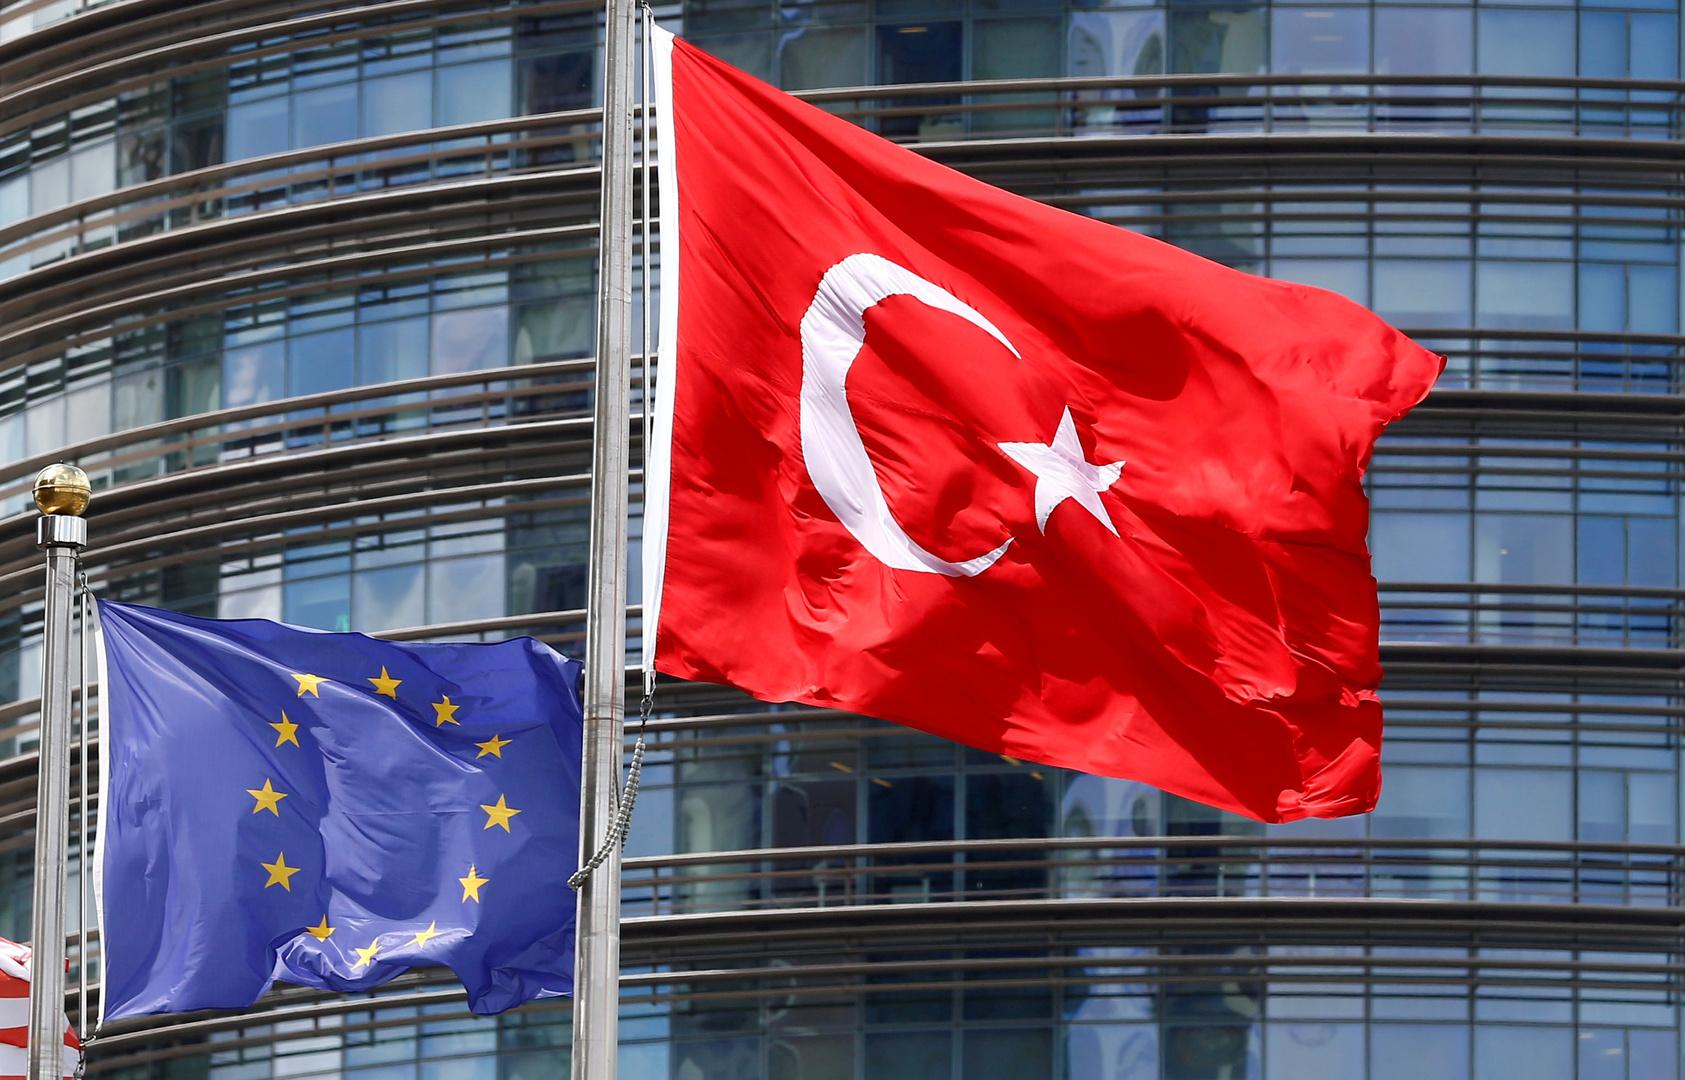 سفراء بالاتحاد الأوروبي: فشل نهج